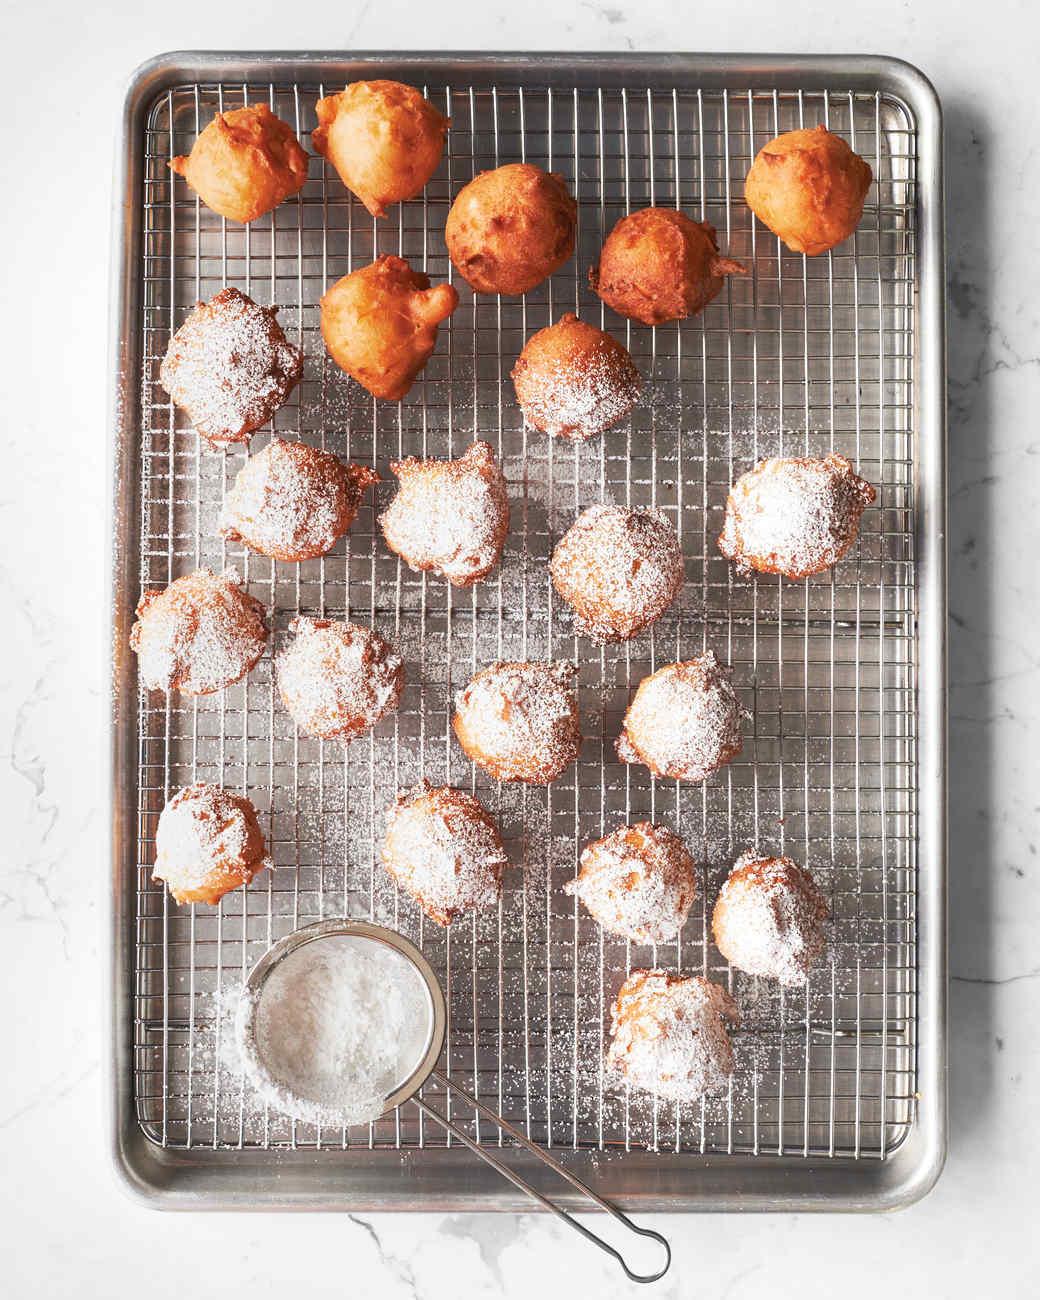 sweet-apple-fritter-4956-d111531.jpg